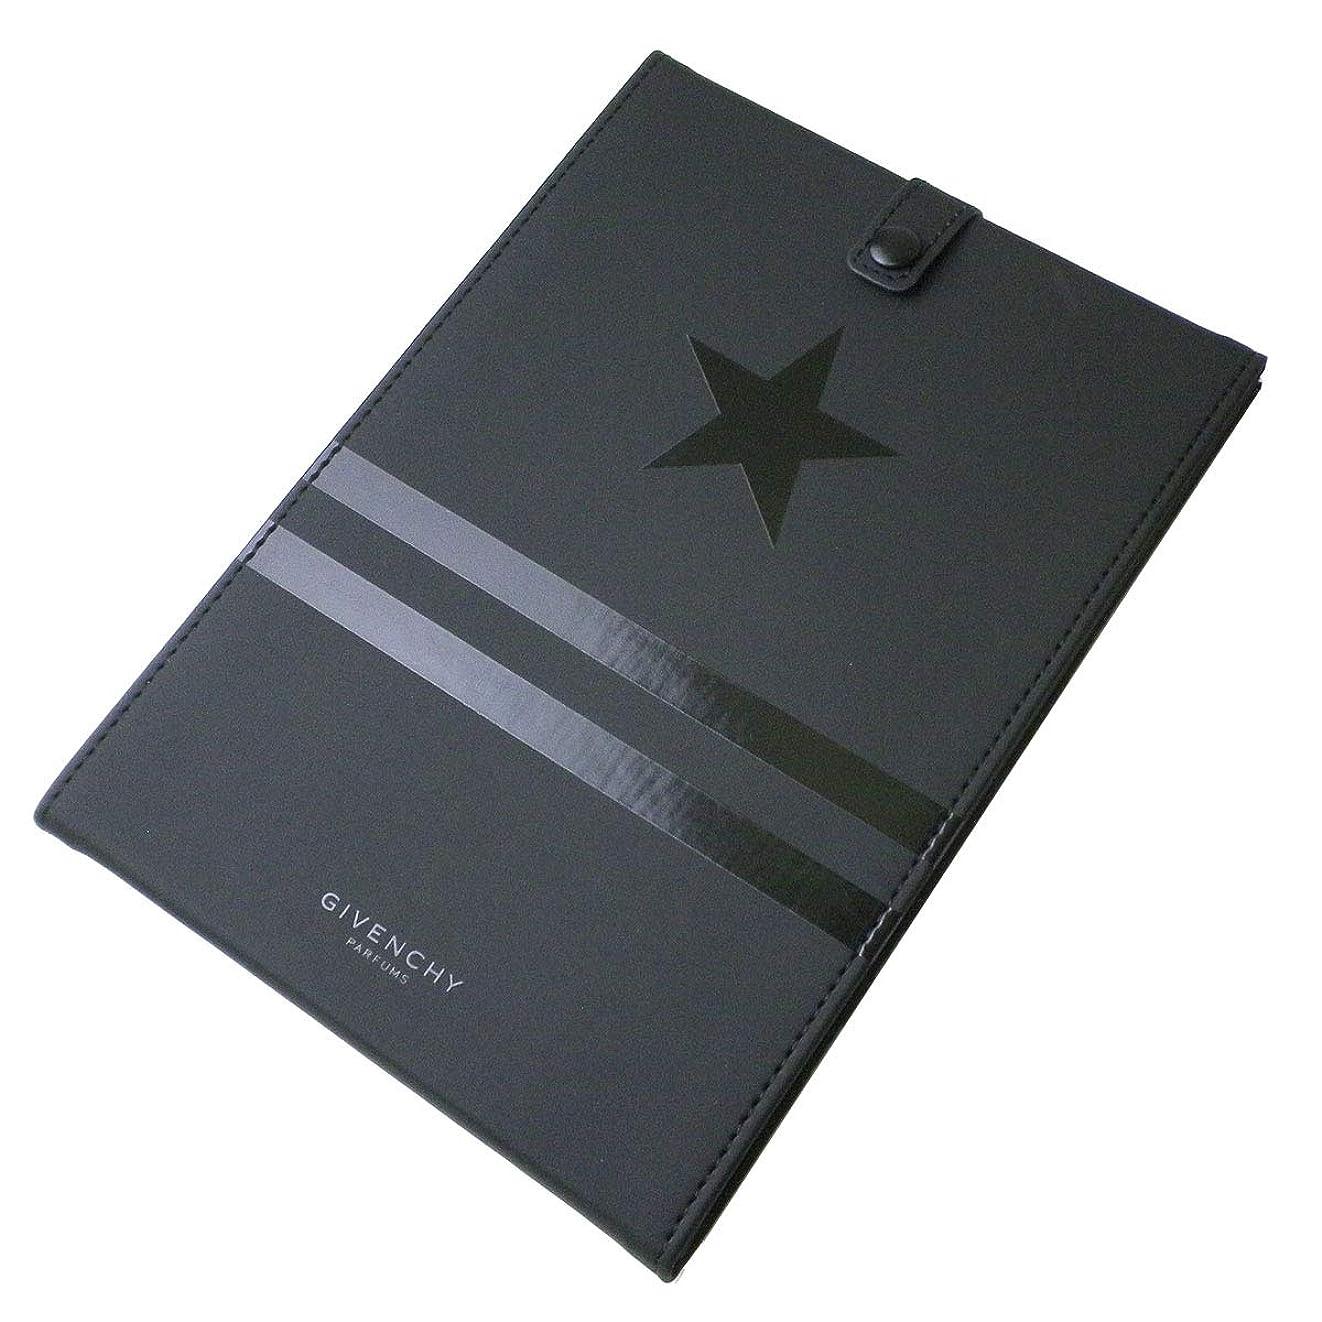 プラグ部分突き出す(ジバンシー) GIVENCHY ミラー 鏡 黒 ブラック 星 スター 星 ライン ロゴ カバー ラバー モノグラム オータム スタンド 折りたたみ 化粧 メイク コスメ